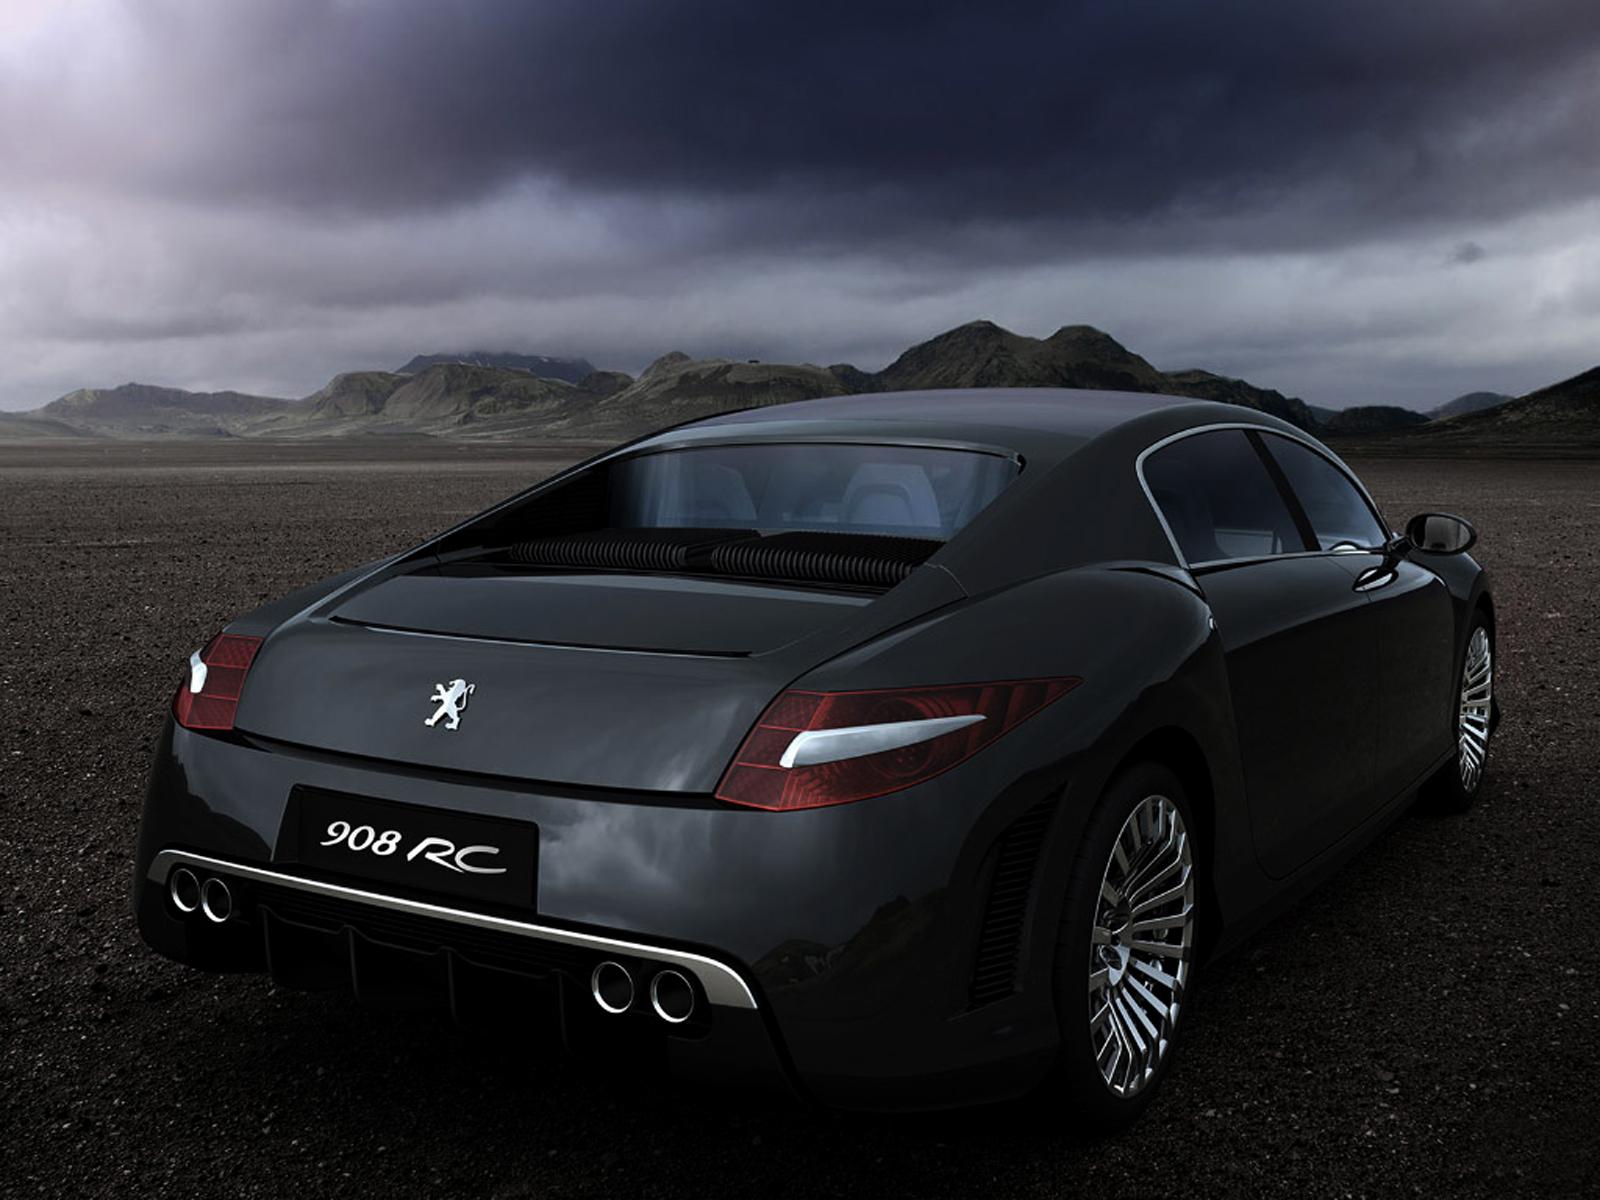 http://4.bp.blogspot.com/-OkG8XZvaVqM/UAHC6dhG2gI/AAAAAAAACuY/MNoQP5PWx8g/s1600/Peugeot_908_RC_Dark_Clouds_HD_Wallpaper-CarWallBase.Blogpspot.Com.jpg